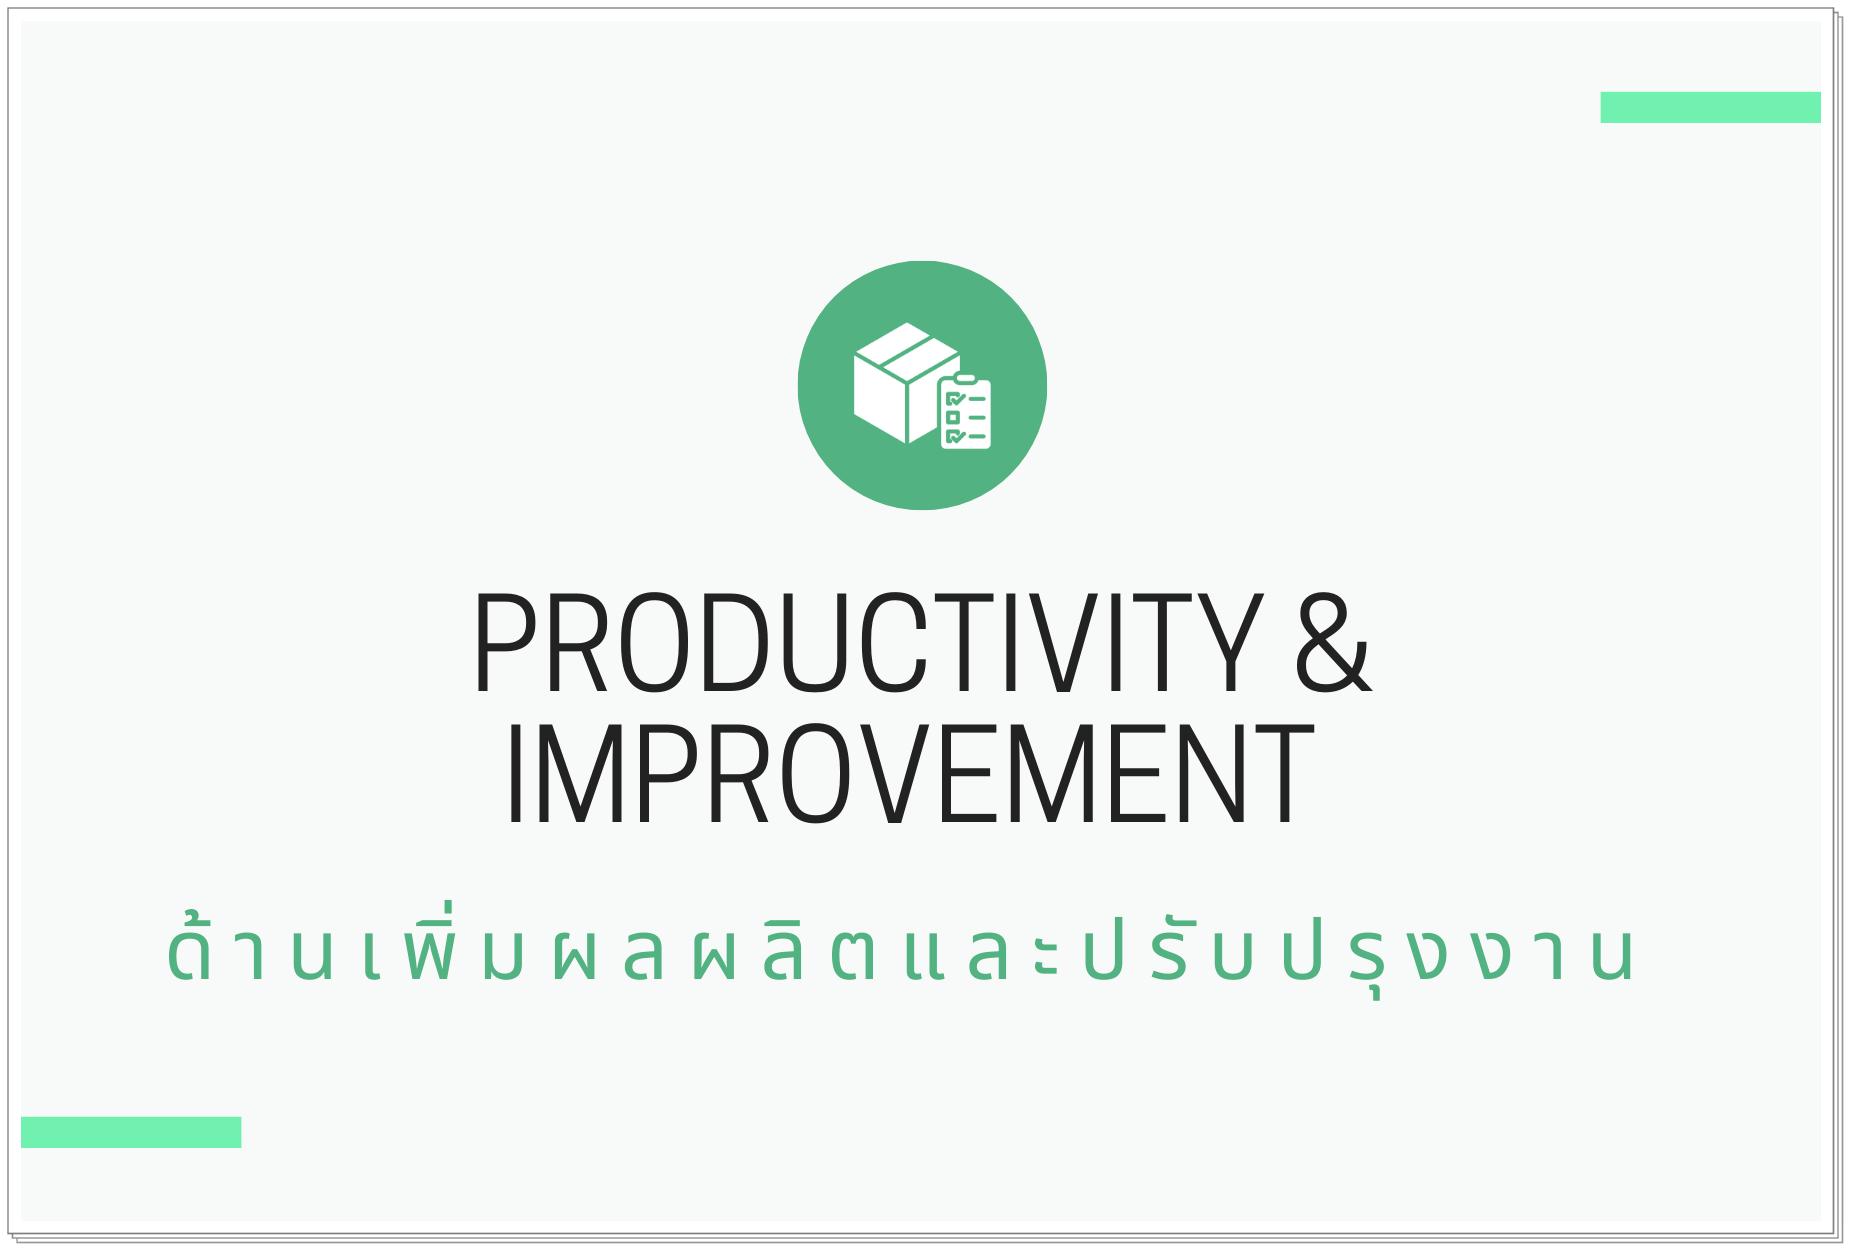 ด้านเพิ่มผลผลิตและปรับปรุงงาน (Productivity & Improvement)